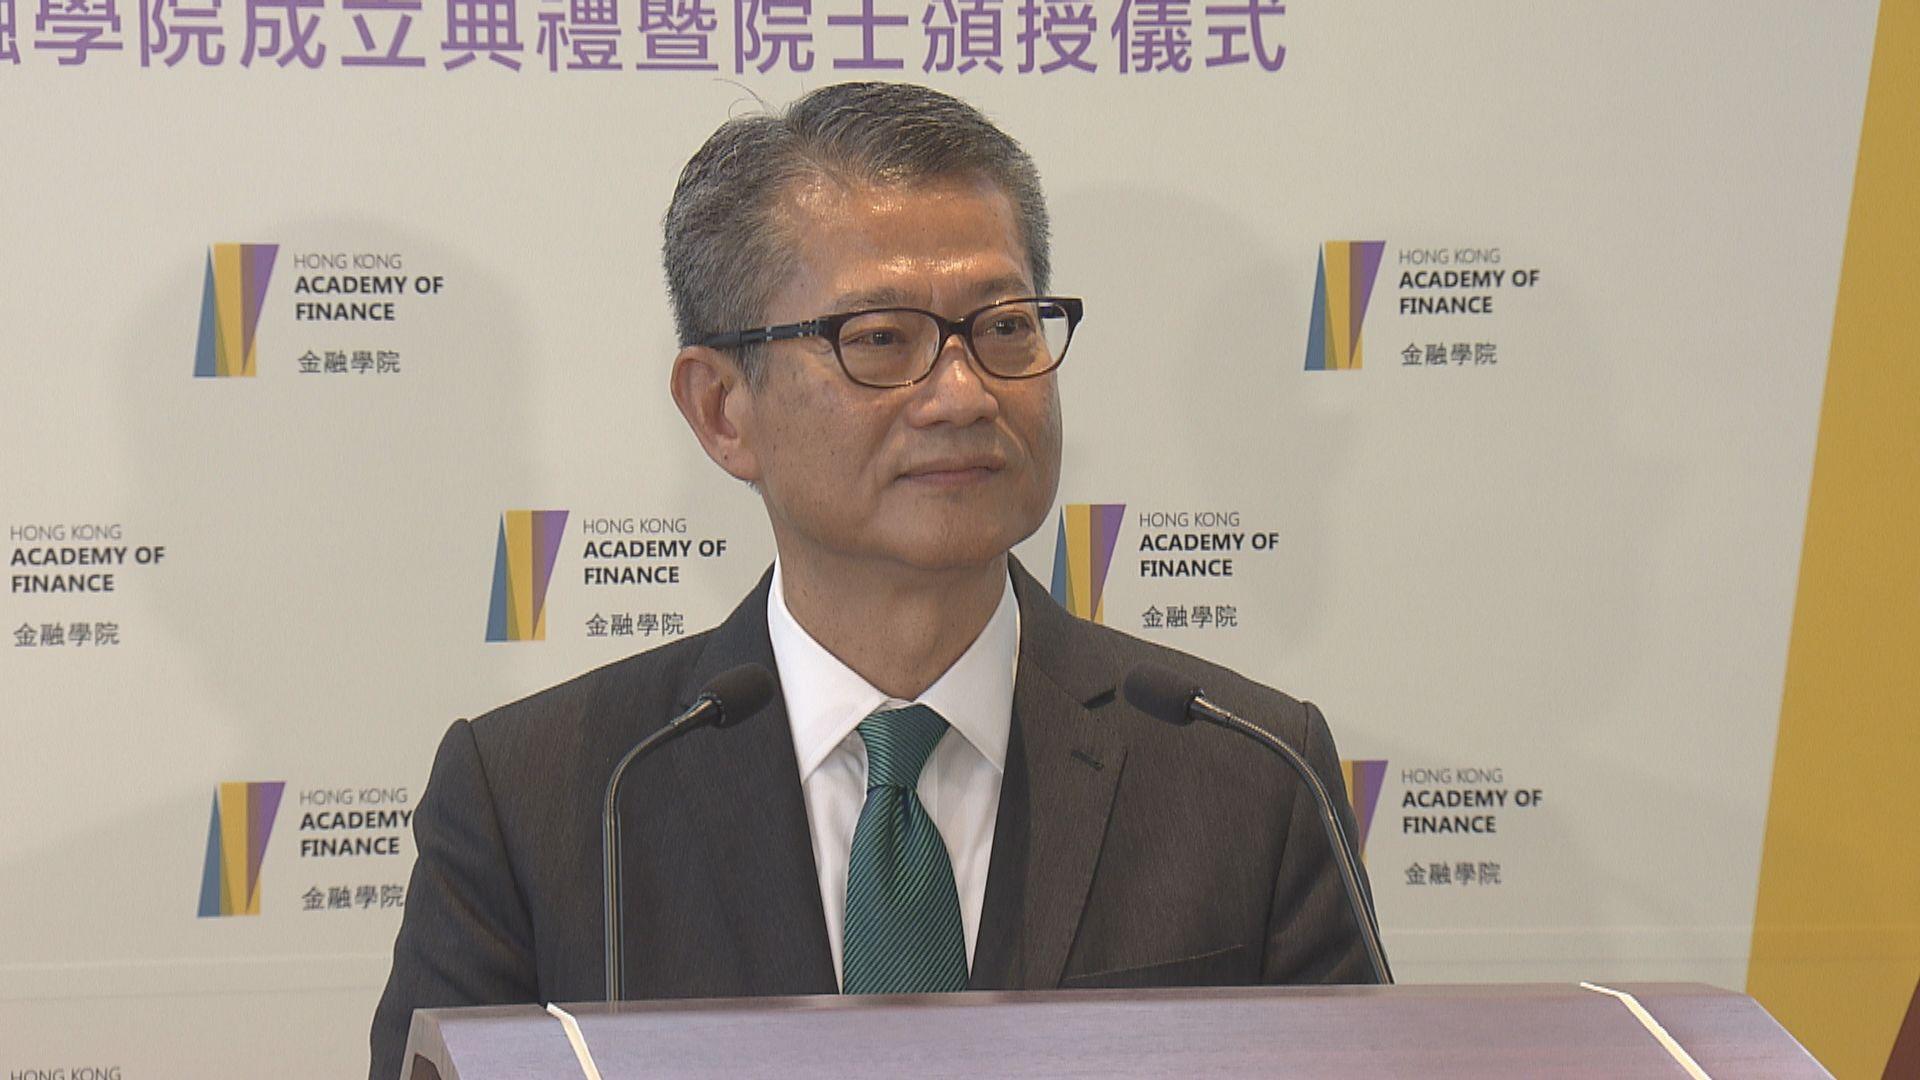 陳茂波相信按經濟最新情況 政府儲備下降速度會更快